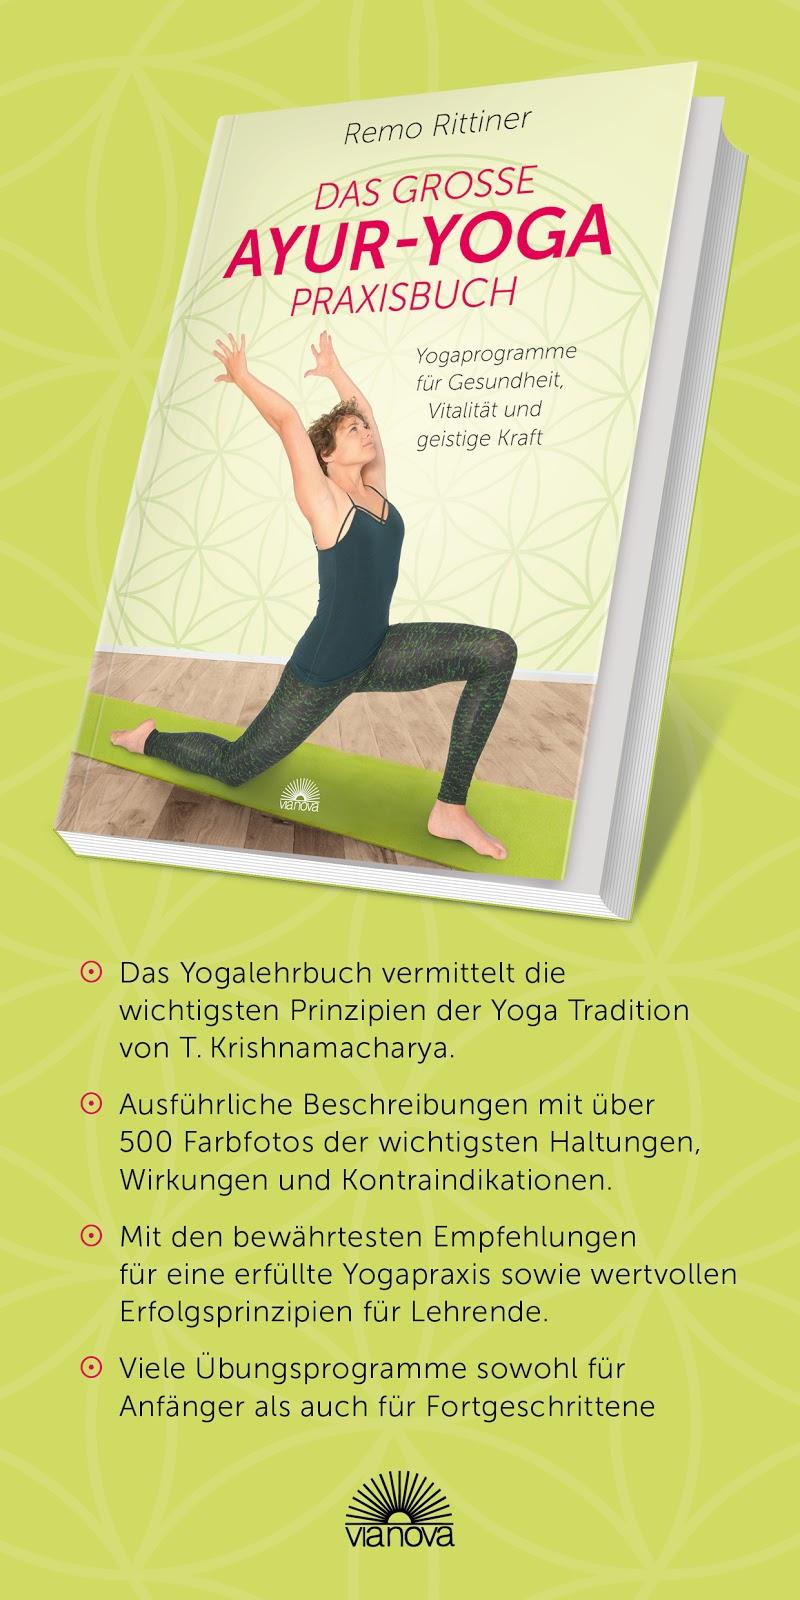 vom gl ck der kleinen dinge yoga vom feinsten das gro e ayur yoga praxisbuch. Black Bedroom Furniture Sets. Home Design Ideas